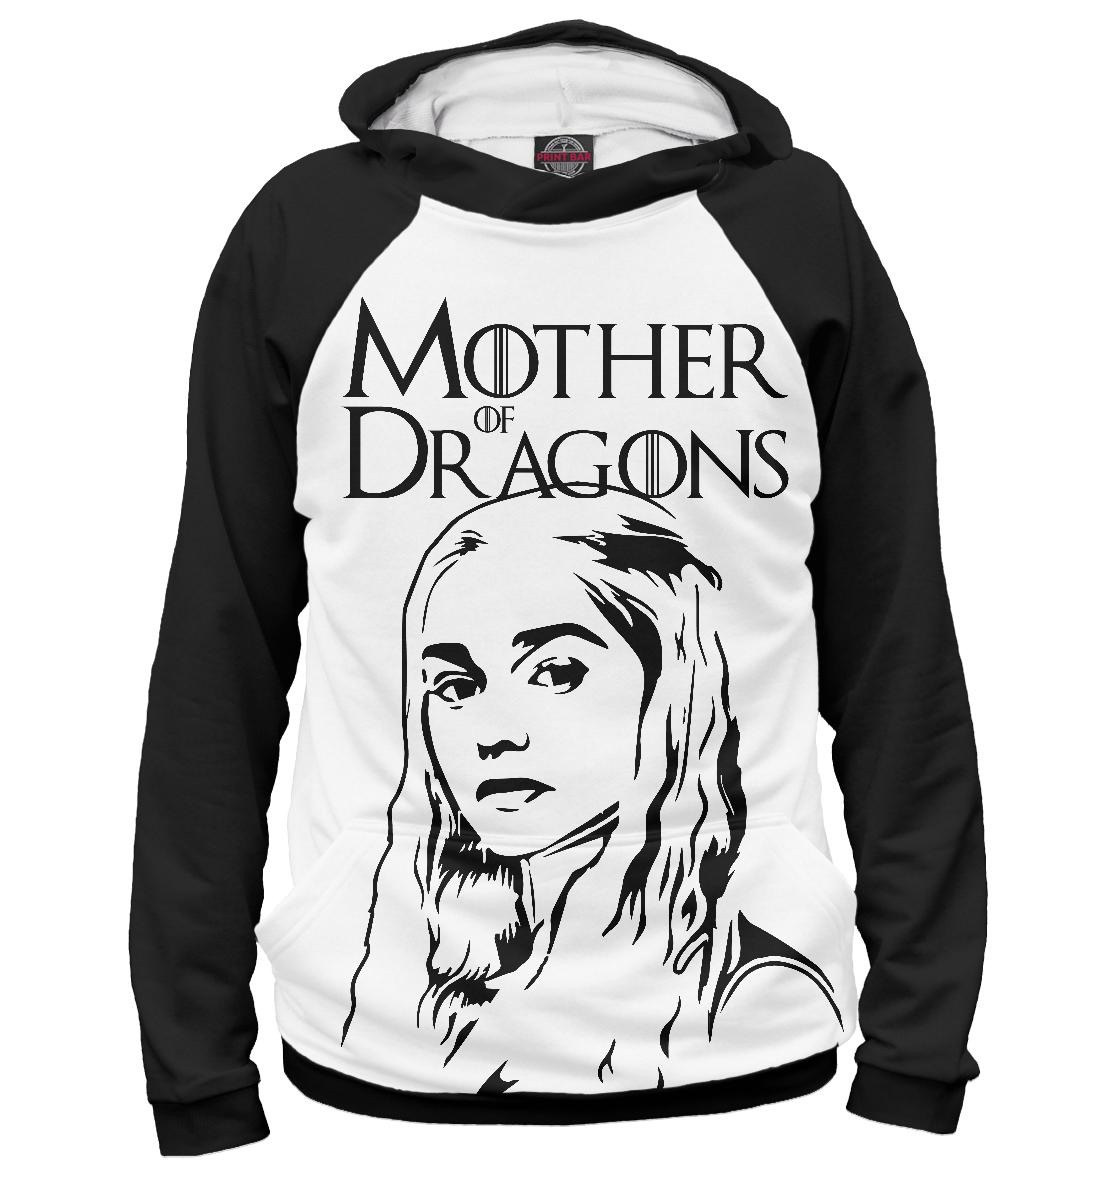 Купить Дейнерис - Мать Драконов, Printbar, Худи, IGR-673167-hud-2